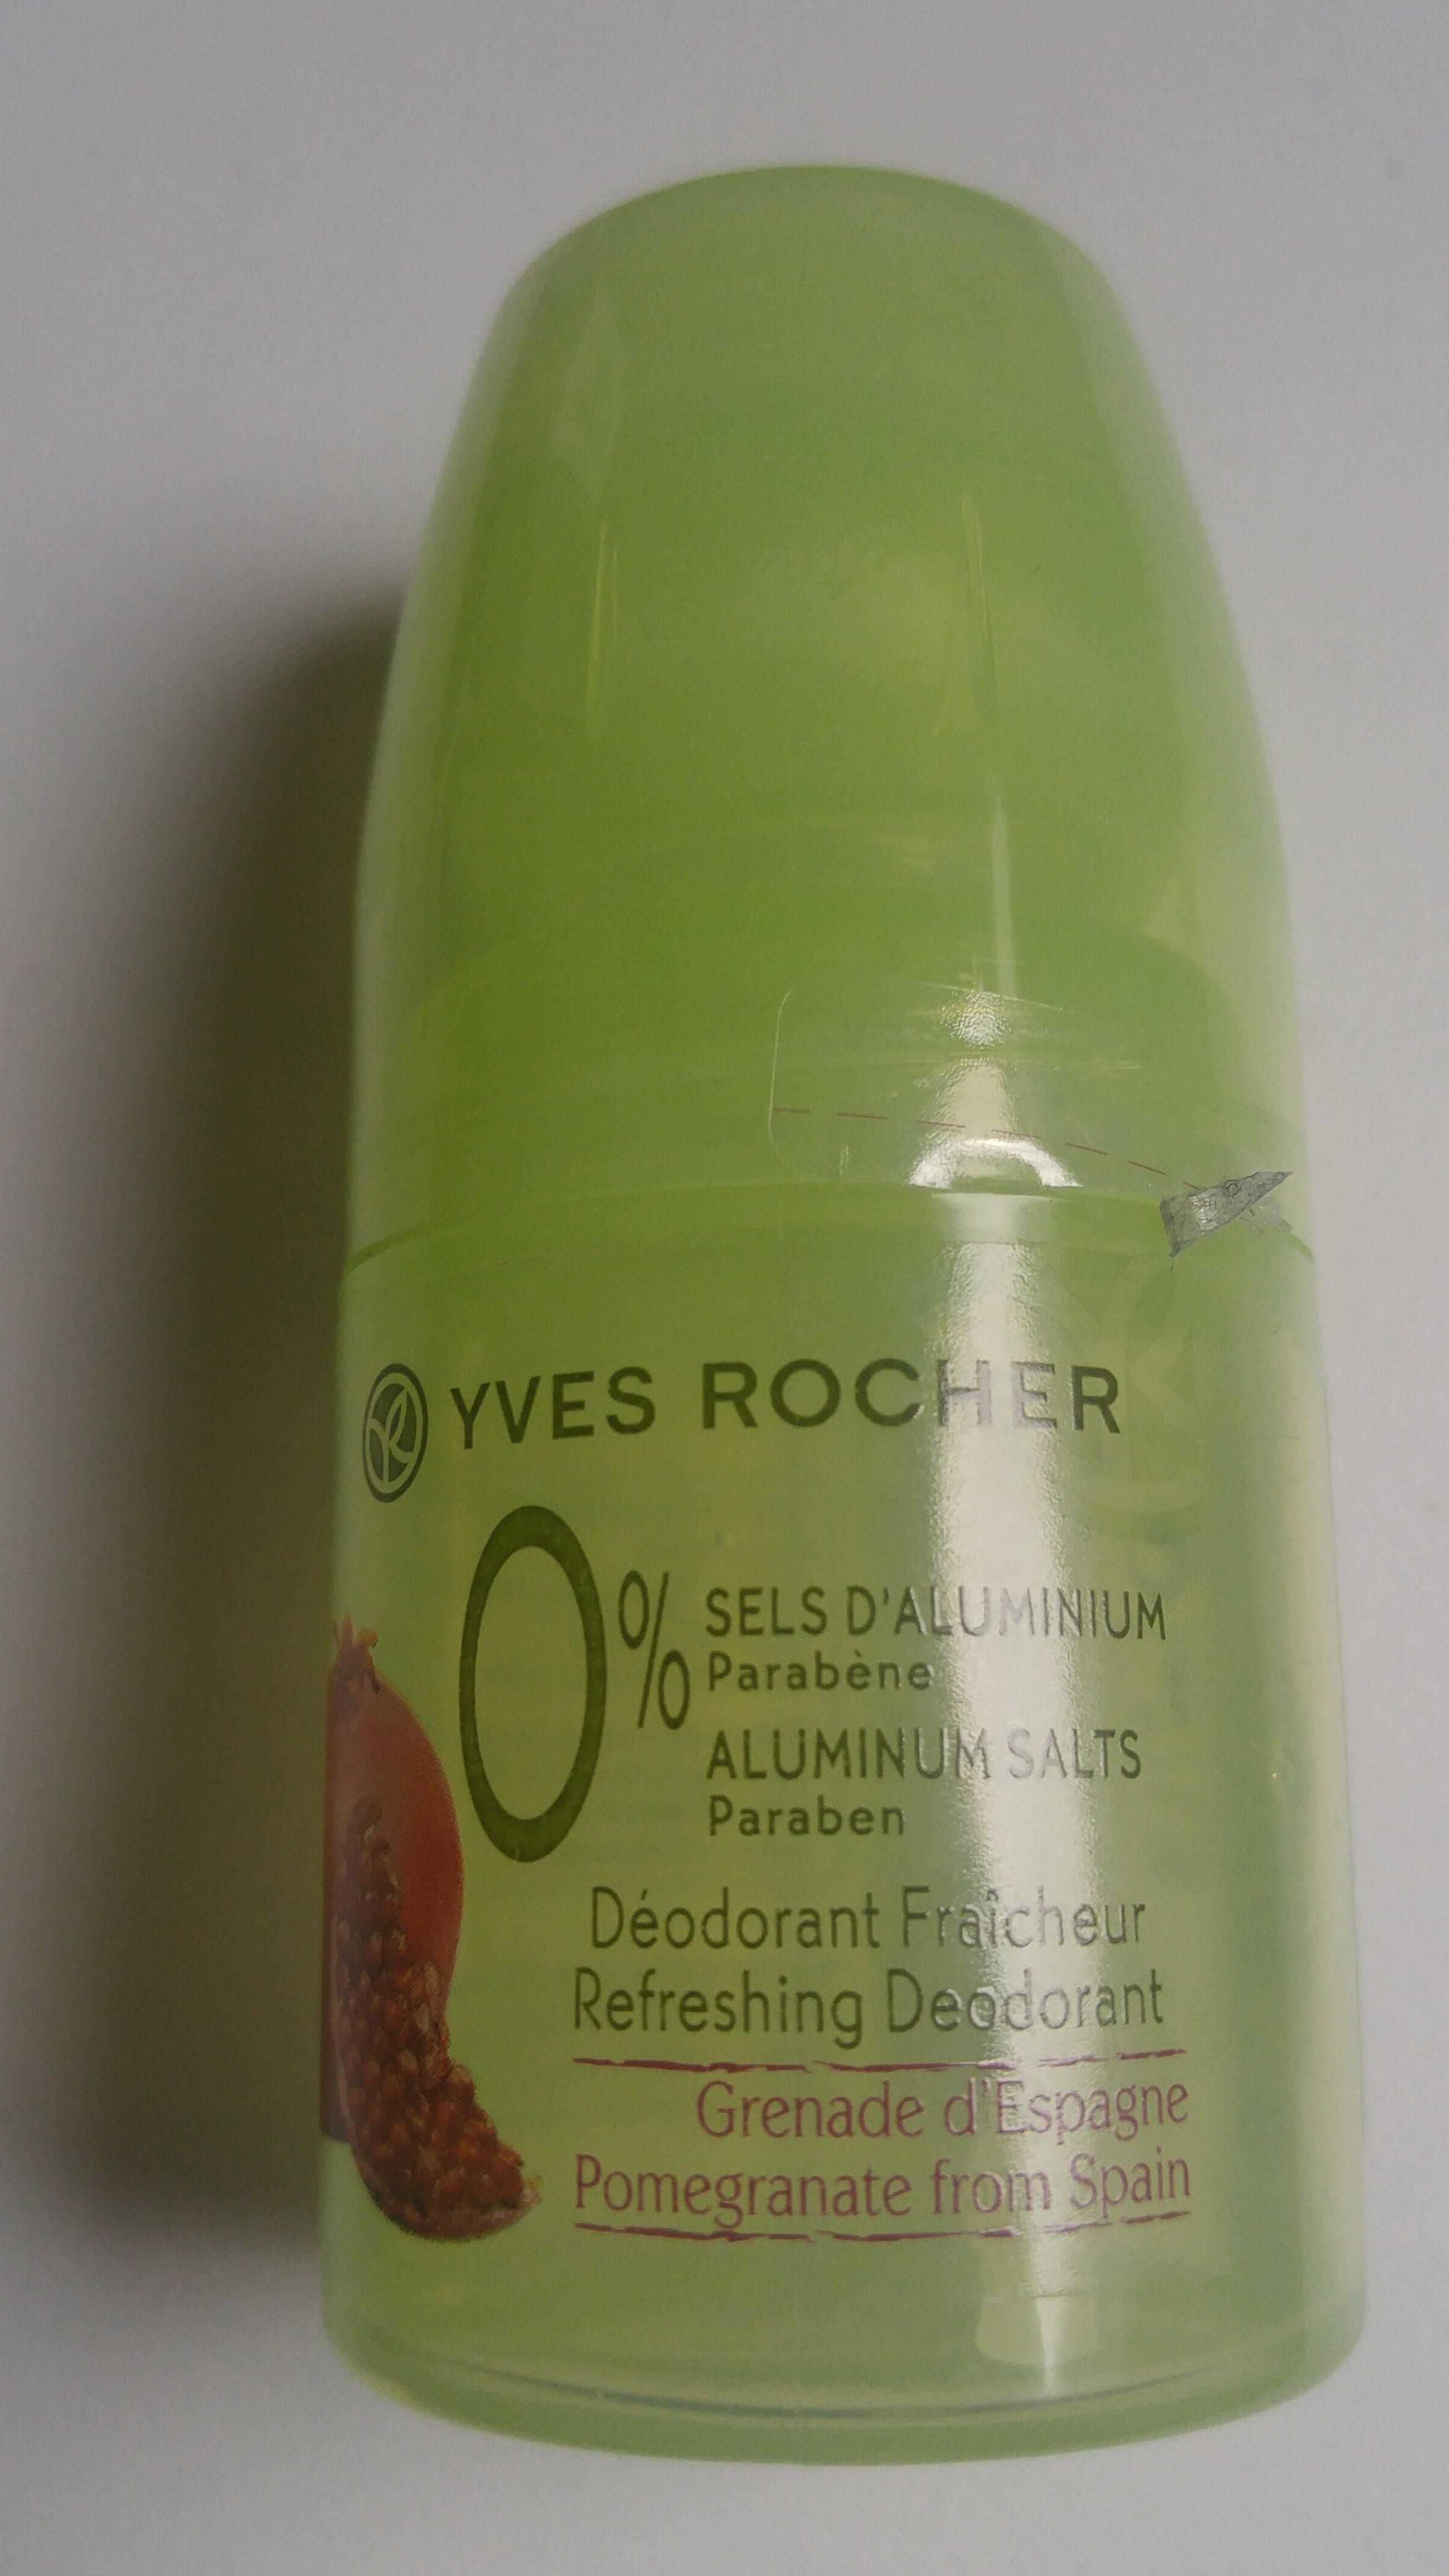 Déodorant fraicheur - Grenade d'Espagne - Product - fr